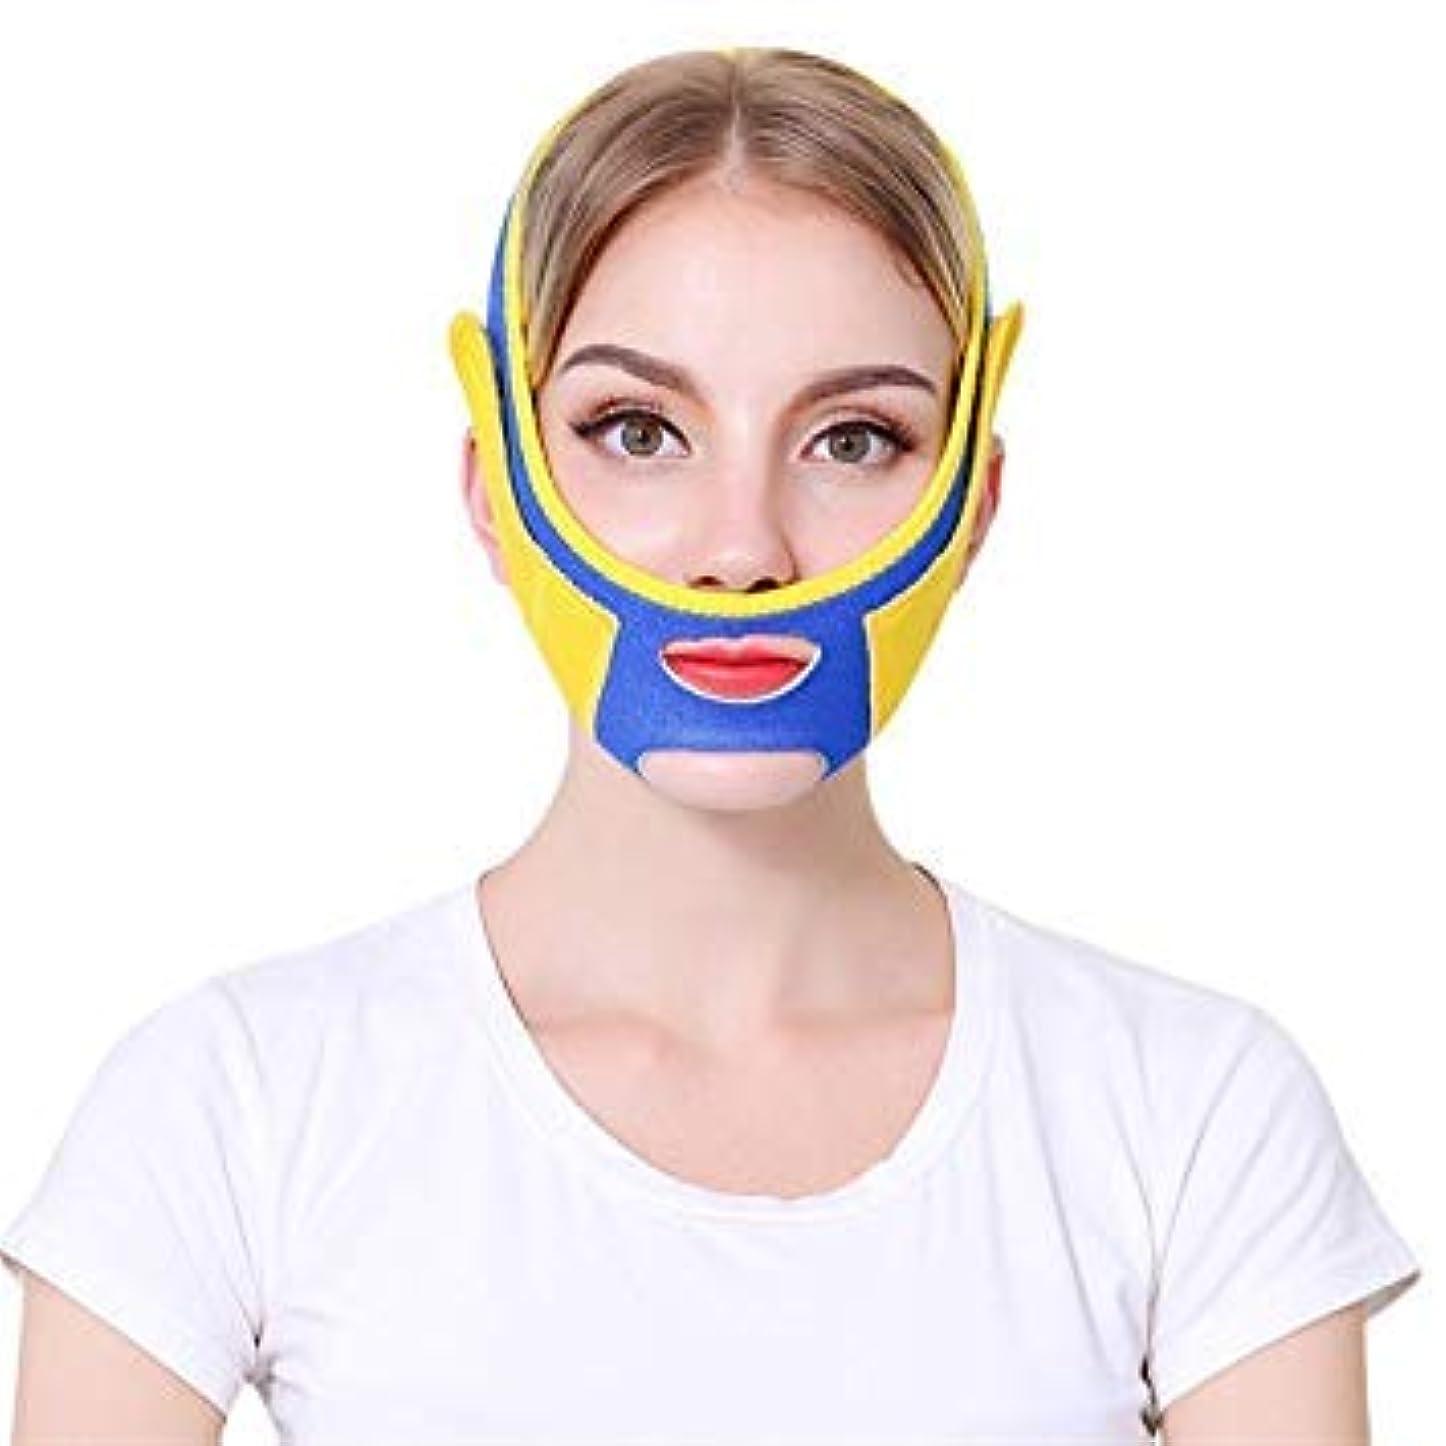 展開するメダル終点顔のリフティングスリムウエストバンド、頬のV字型リフティング薄型マスク、滑らかで通気性のあるコンプレッションダブルあご付きで包帯を減らし、フェイスリフト/スリミング/スリープフェイス/マスクで体重を減らします (blue)